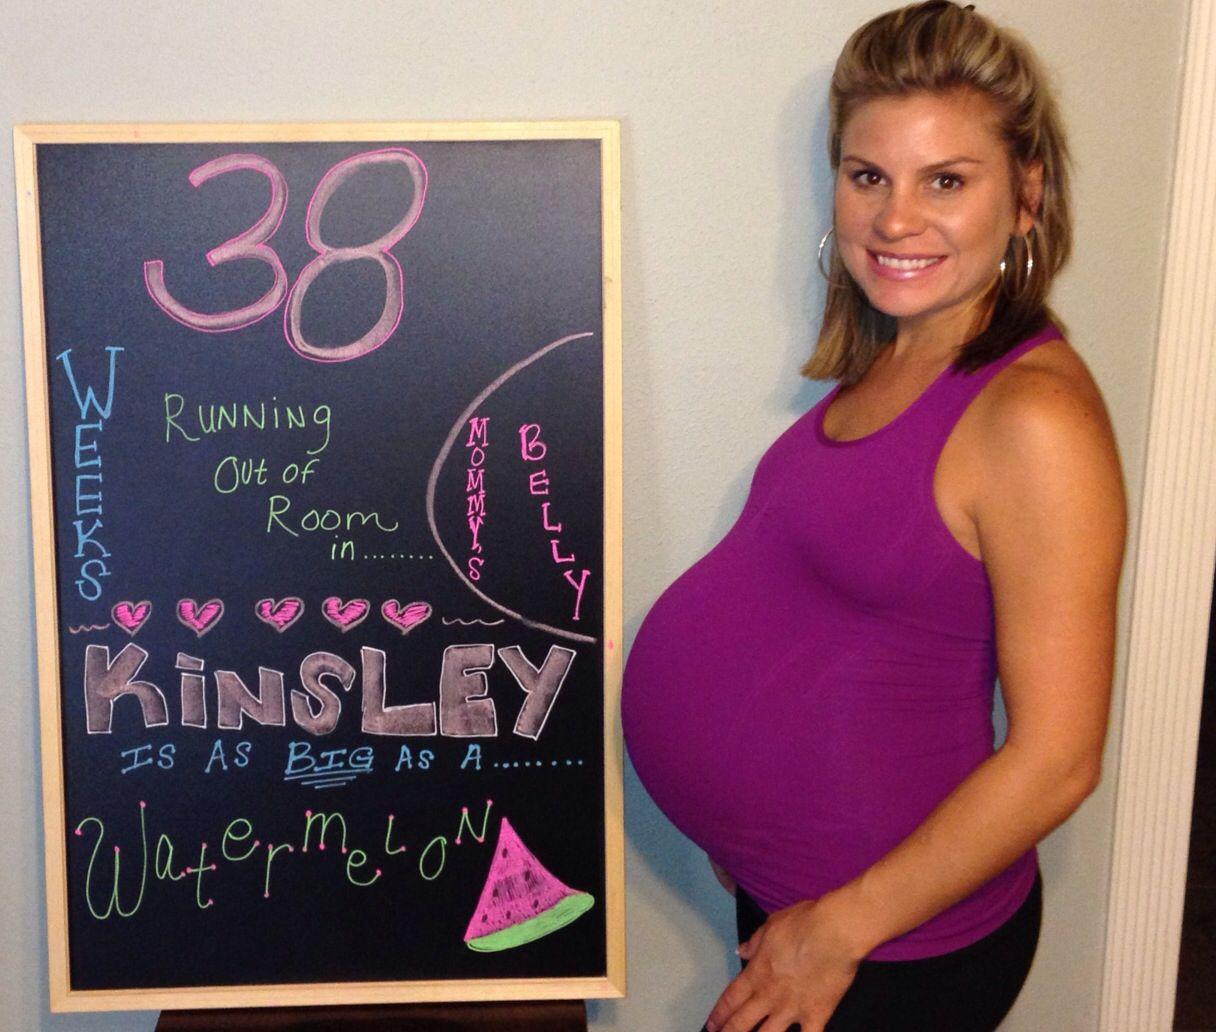 38 weeks pregnant | Kinsley Elizabeth | 38 weeks pregnant